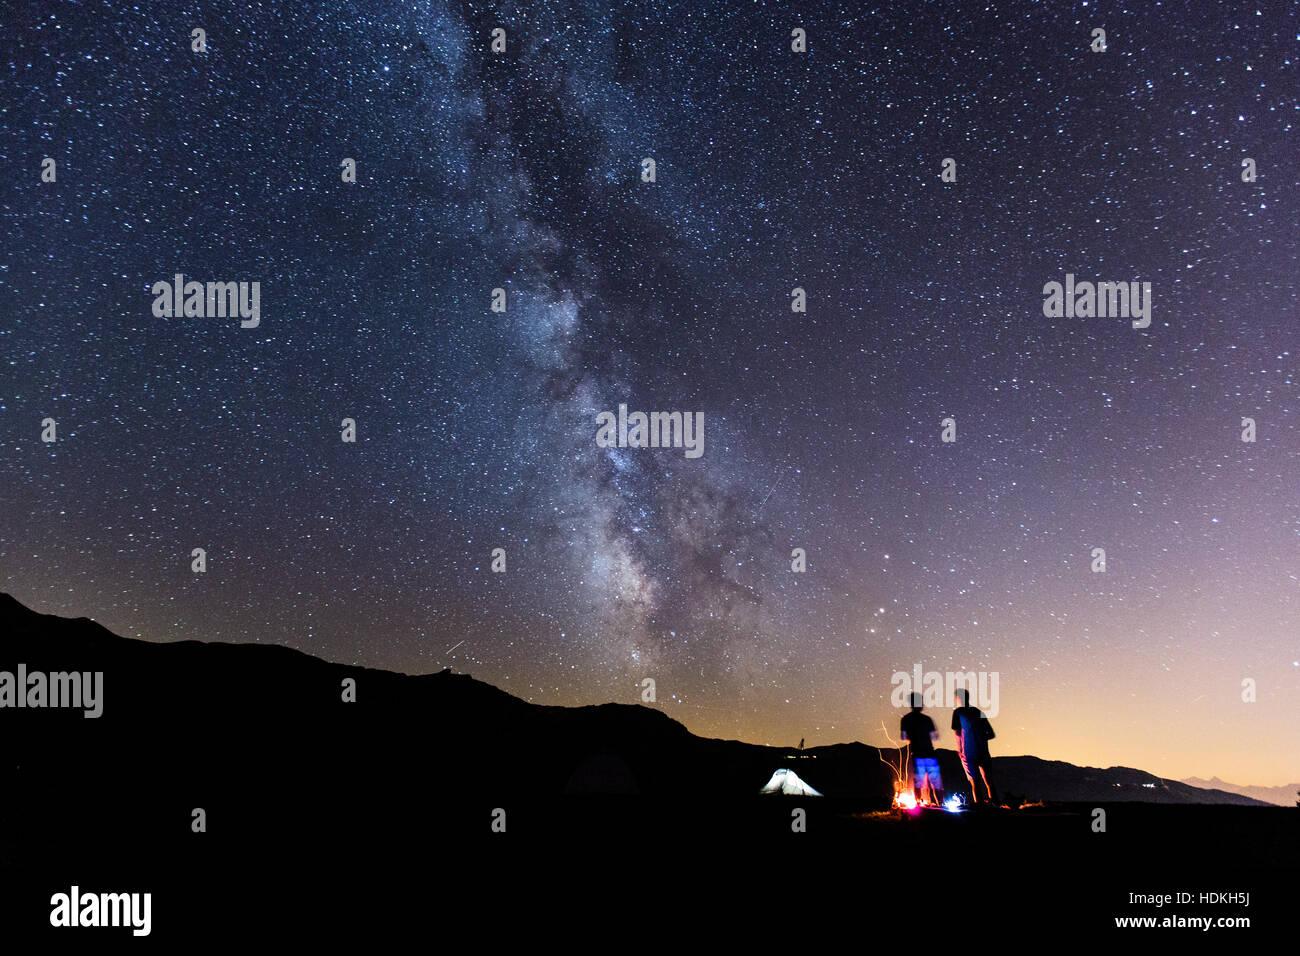 Voie lactée. Ciel de nuit avec des étoiles et silhouette de deux homme autour d'un feu Photo Stock